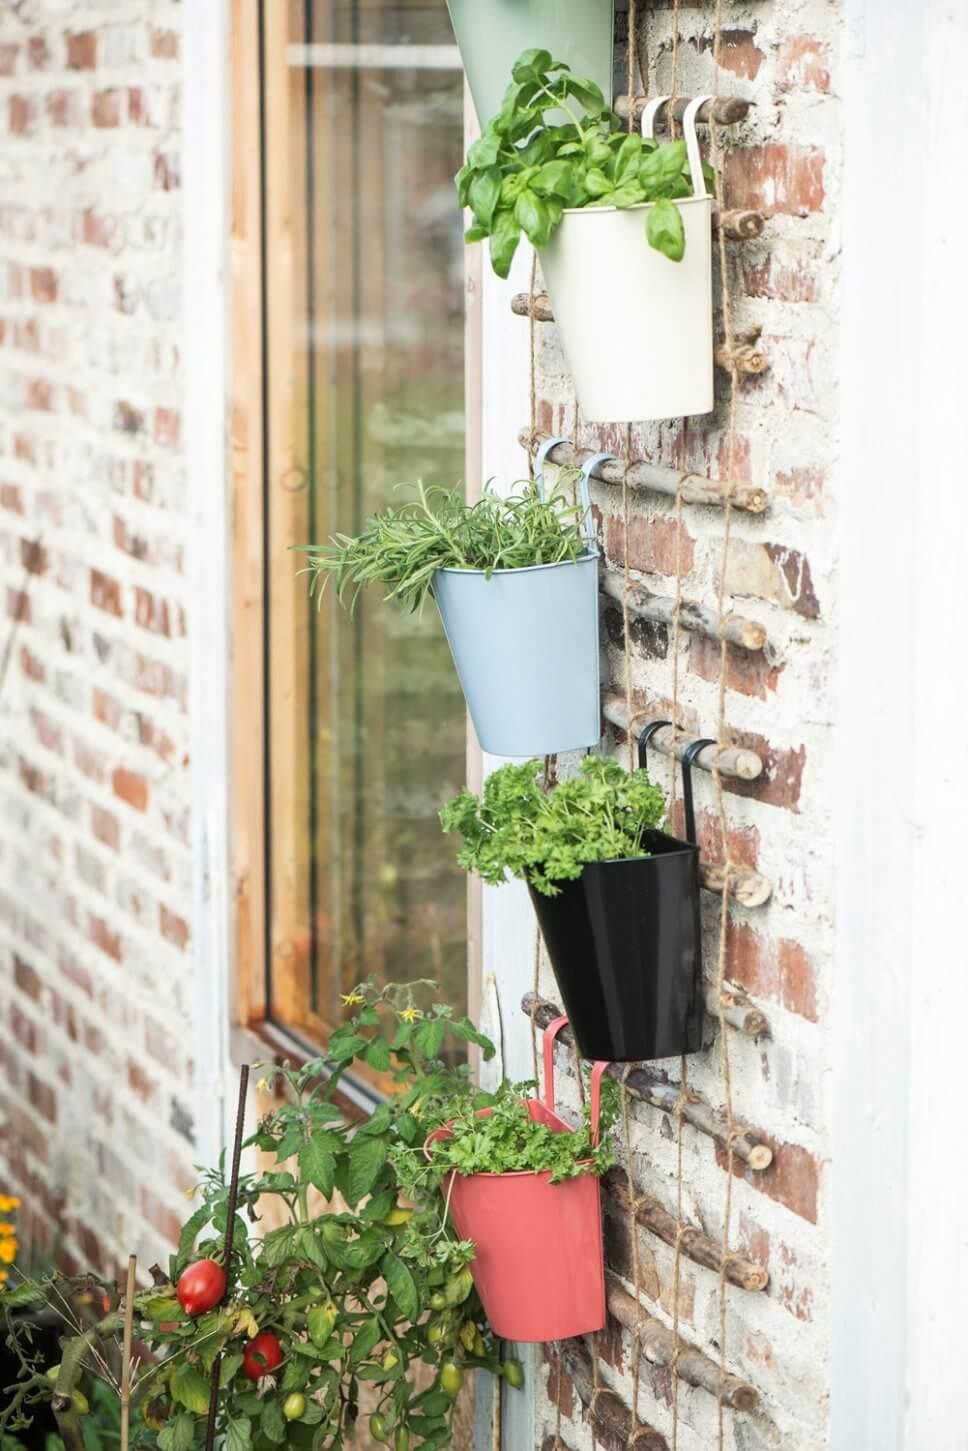 Bepflanzte Blumentöpfe übereinander gehängt an Steinwand